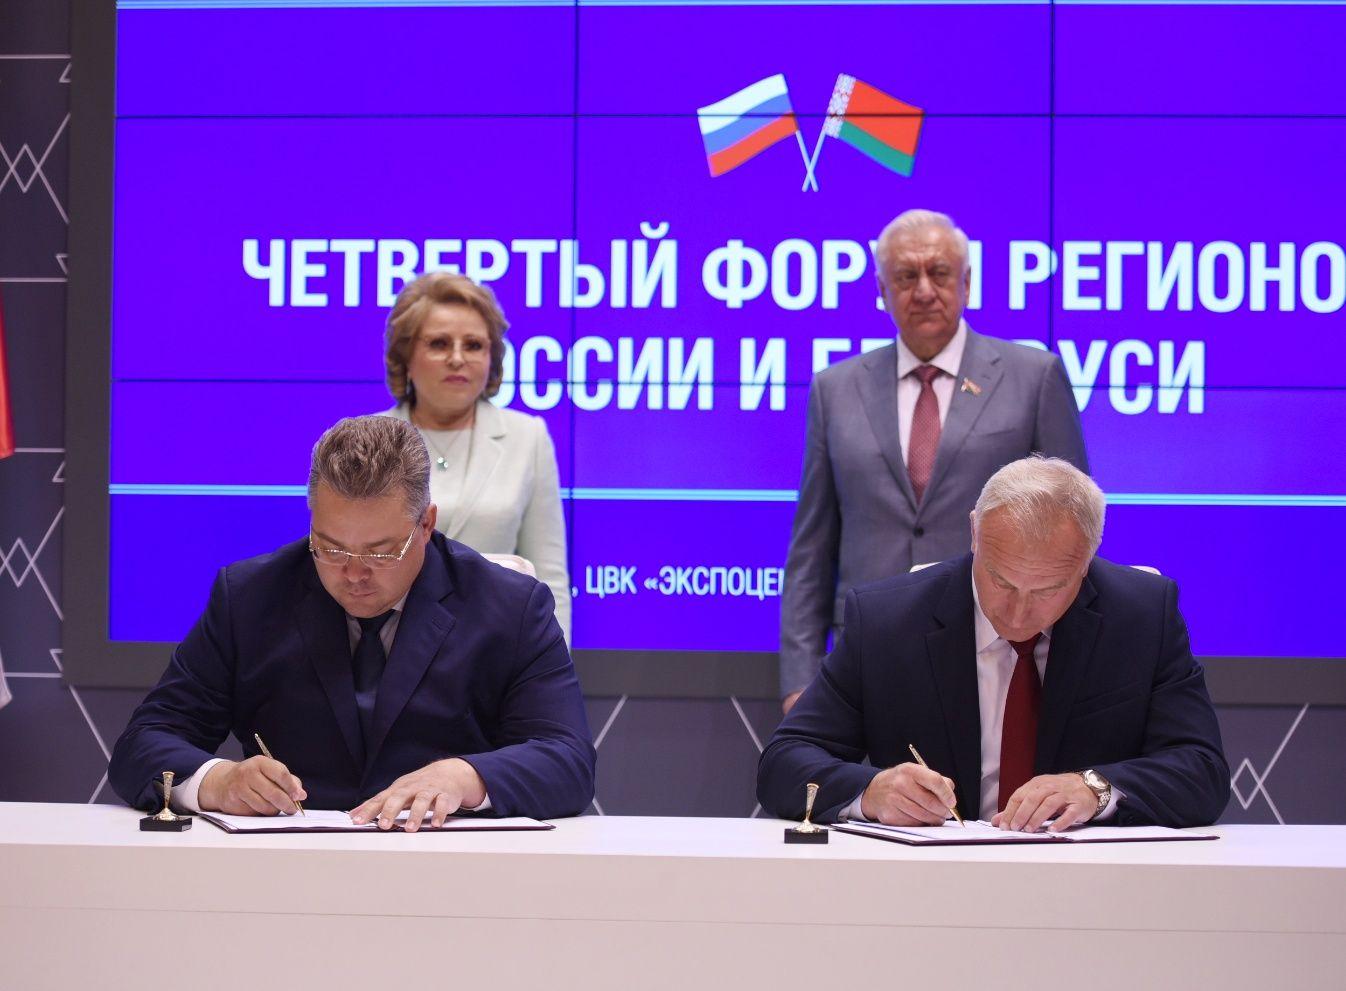 Губернатор Владимиров договорился осотрудничестве сВитебской областью Беларуссии